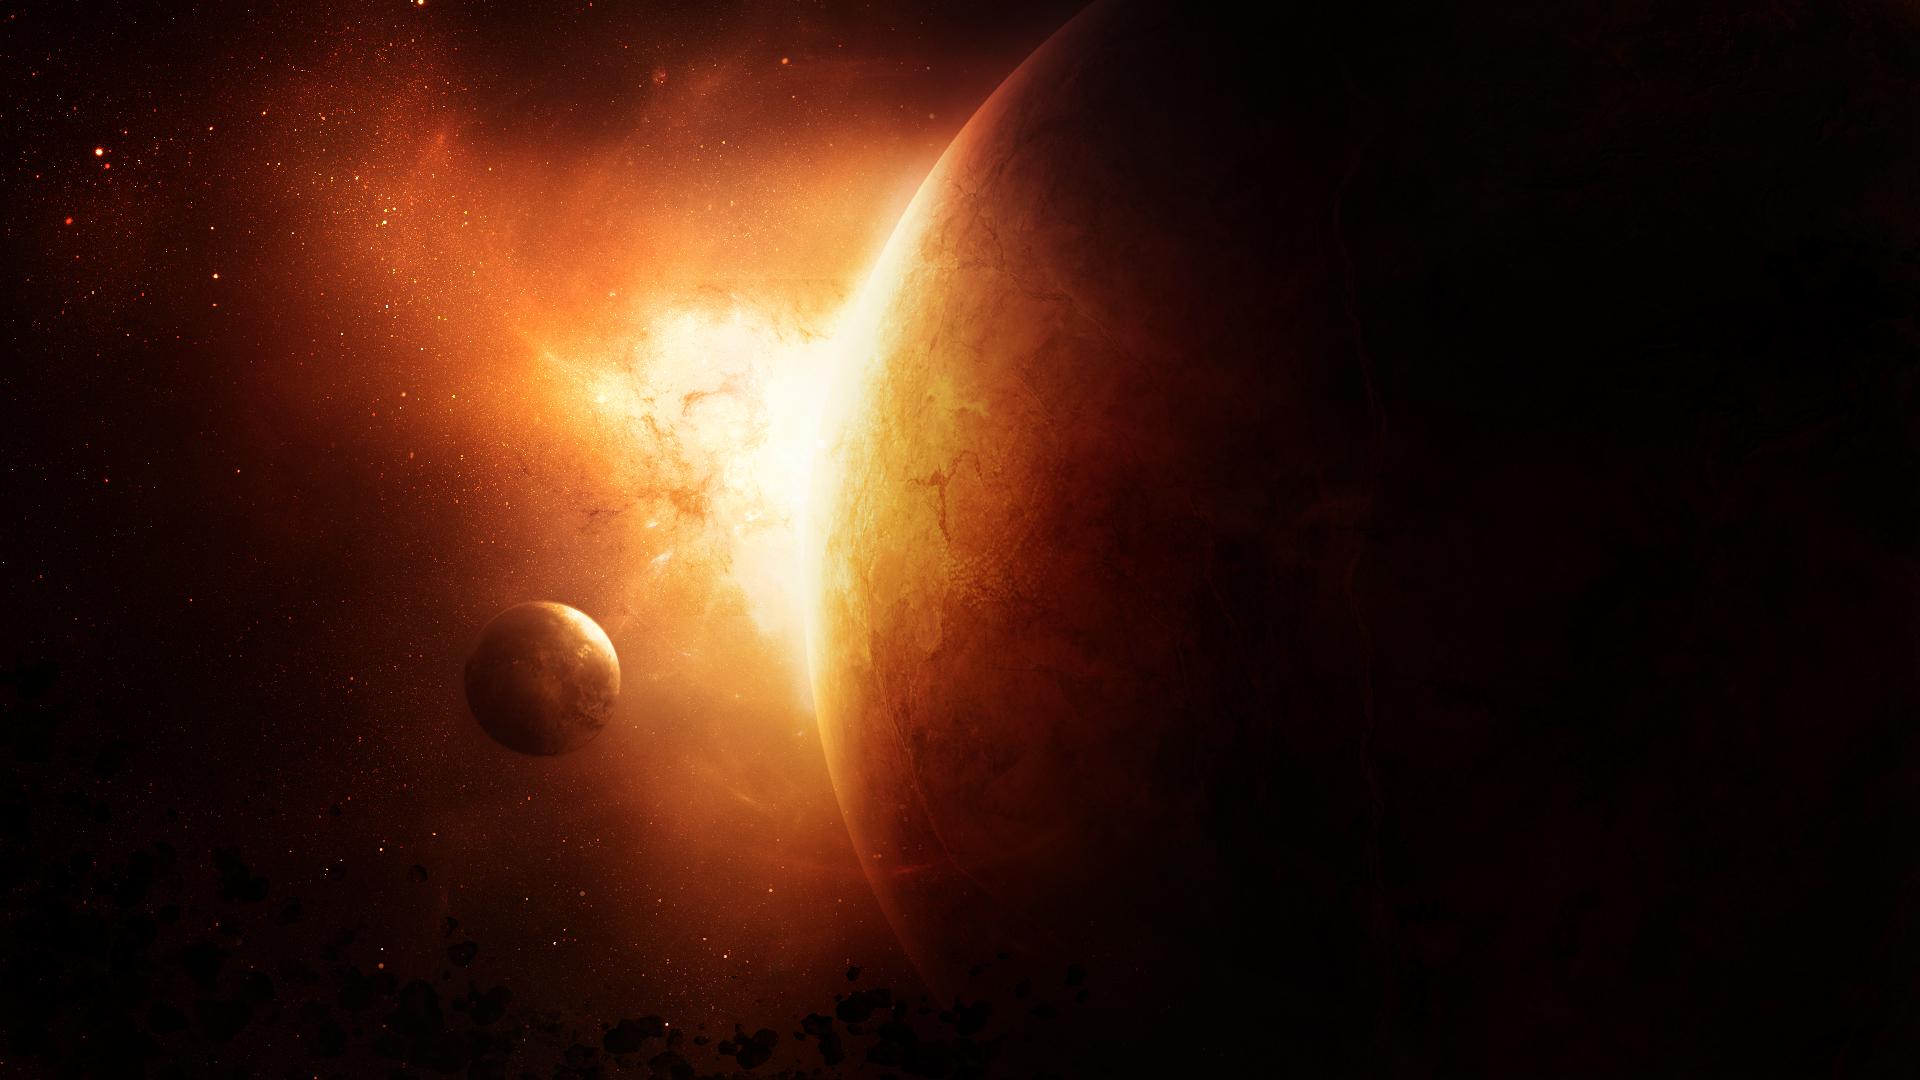 Обои Планеты остеройд картинки на рабочий стол на тему Космос — скачать загрузить